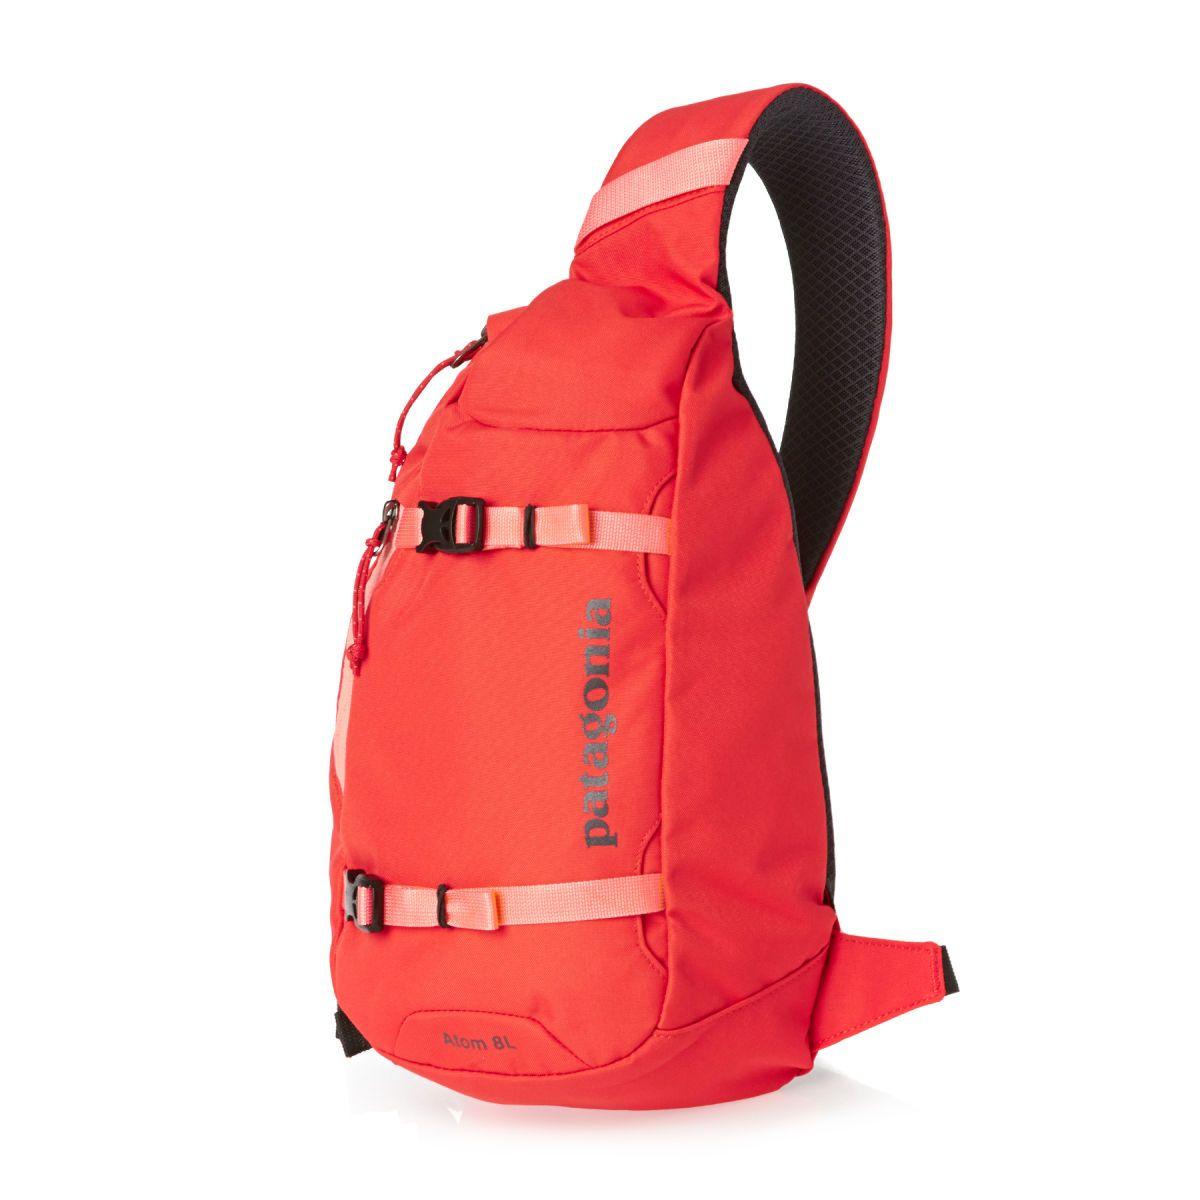 Patagonia Bags - Patagonia Atom Sling Bag - Turkish Red